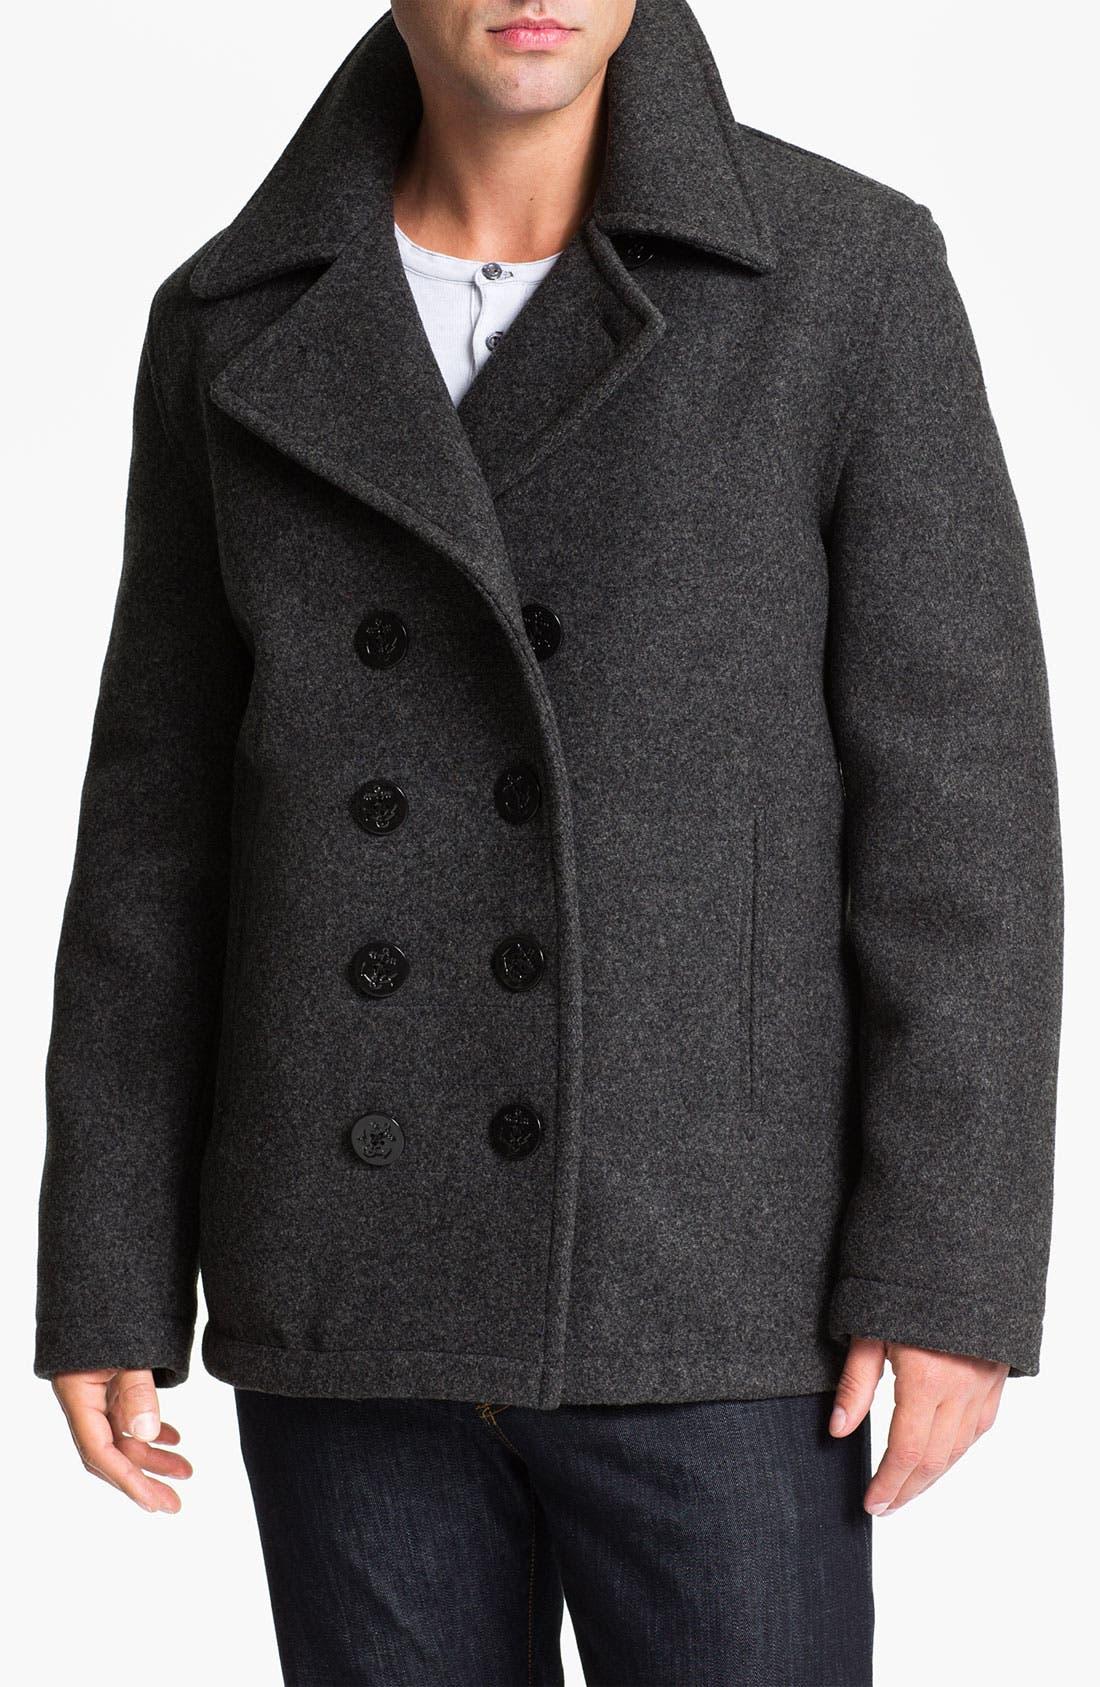 SPIEWAK 'Dugan' Wool Blend Peacoat, Main, color, 020